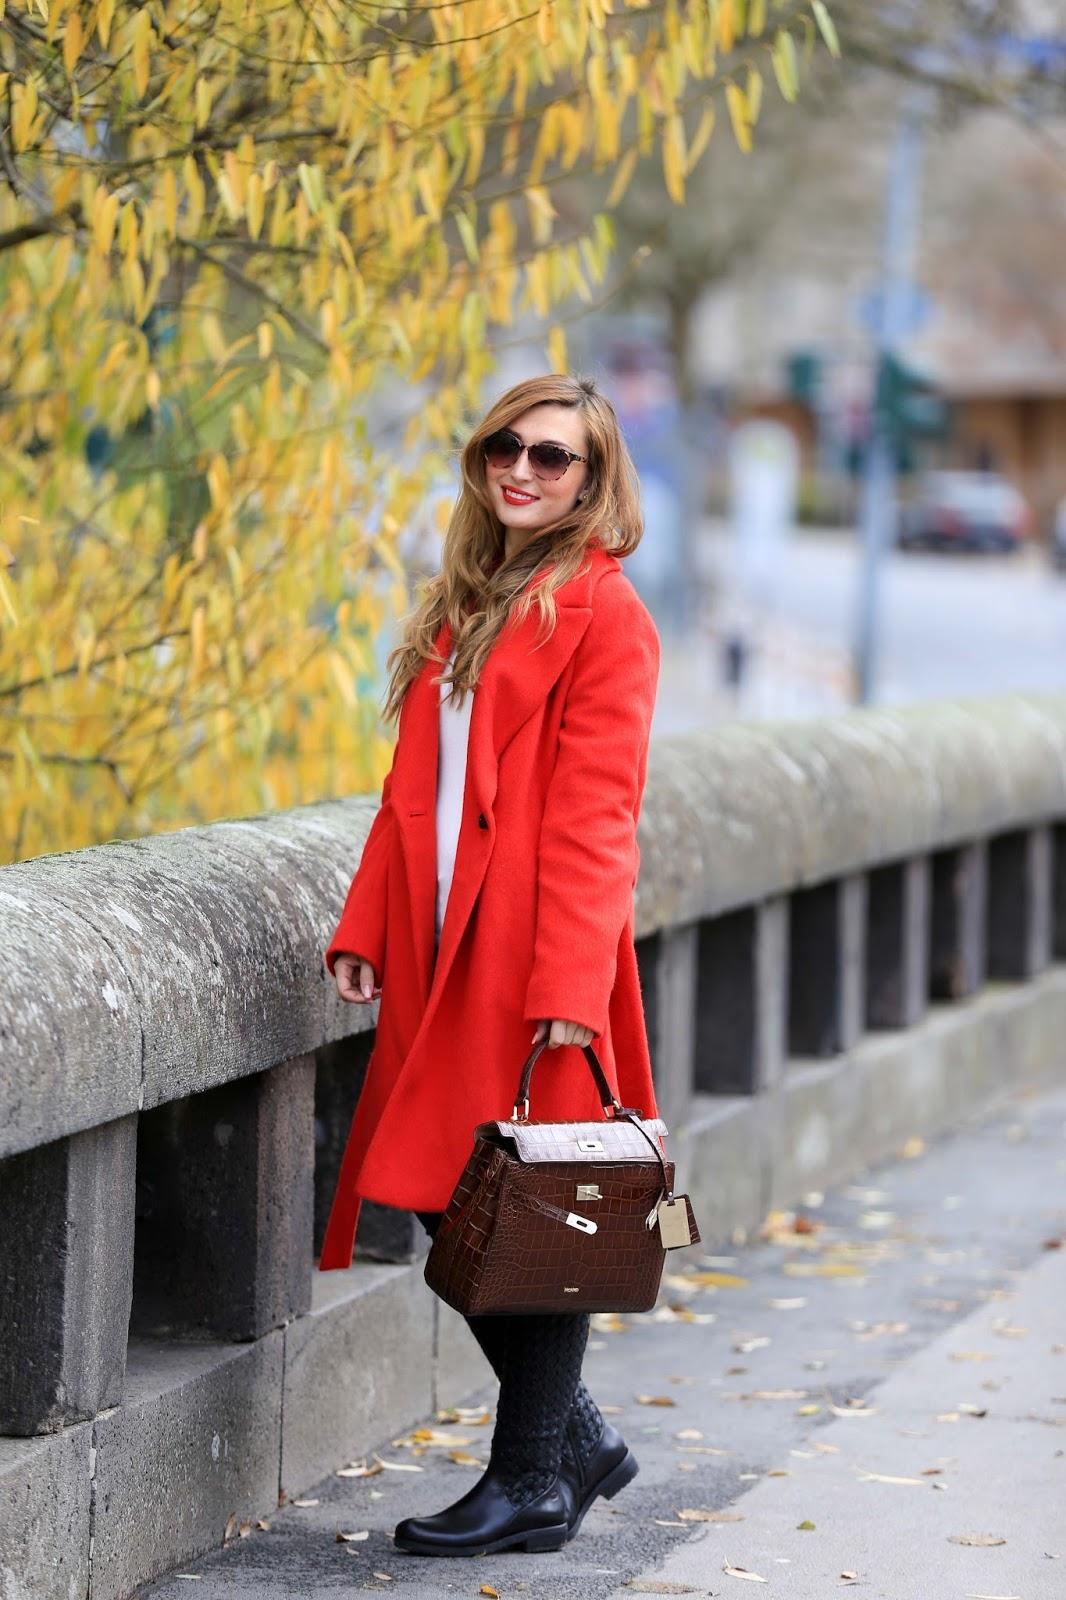 Fashionstylebyjohanna-Olivia-Palermo-Style-KROKO-Schuhe-Fashionstylebyjohanna-Rote-Deichmann-Gummistiefel-Gummistiefel-Blogger-Blogger-aus-Deutschland